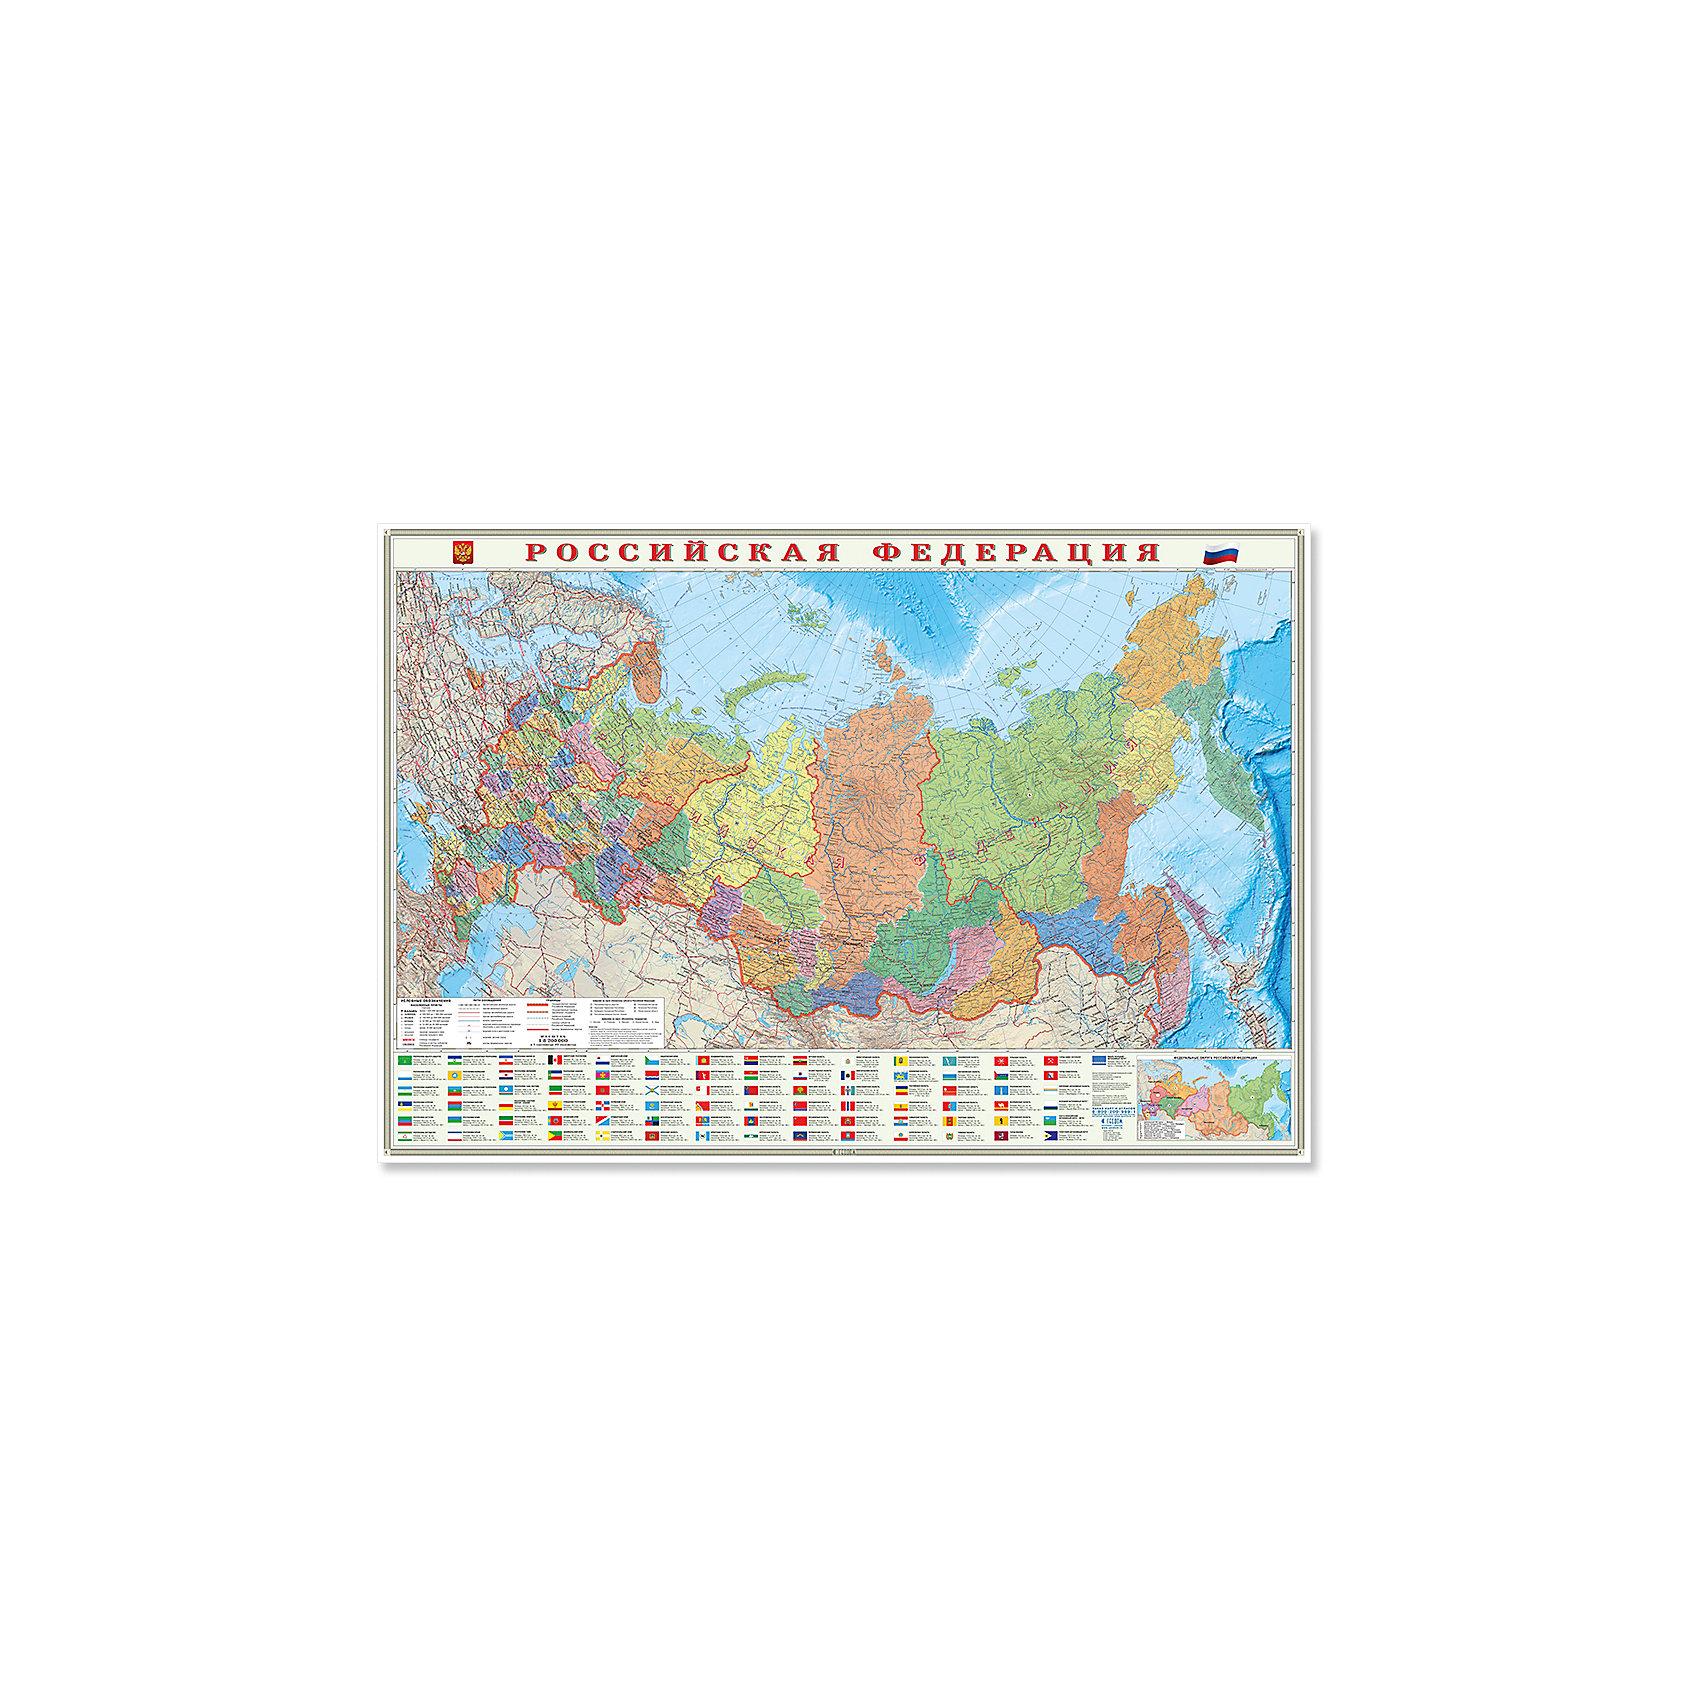 Настенная карта Российская Федерация П/А, Субъекты федерации М1:8,2 млн, 101*69 СмАтласы и карты<br>Характеристики товара:<br><br>• материал: ламинированная бумага<br>• возраст: от 3 лет<br>• габариты карты: 101х69х0,1 см<br>• вес: 150 г<br>• страна производитель: Россия<br><br>На карте отражено политико-административное устройство государства, даны границы субъектов. Цветом выделены территории субъектов. <br>Населённые пункты отображены по типу поселения, числу жителей и административному значению. Показаны основные автомобильные и железные дороги, паромные переправы, морские пути, морские и речные порты. По субъектам приведена статистическая информация о площади и численности населения. Дополнительно дана  карта федеральных округов России.<br><br>Настенную карту Российская Федерация П/А, Субъекты федерации М1:8,2 млн, 101*69 см, можно купить в нашем интернет-магазине.<br><br>Ширина мм: 1010<br>Глубина мм: 690<br>Высота мм: 1<br>Вес г: 150<br>Возраст от месяцев: 36<br>Возраст до месяцев: 2147483647<br>Пол: Унисекс<br>Возраст: Детский<br>SKU: 5422950